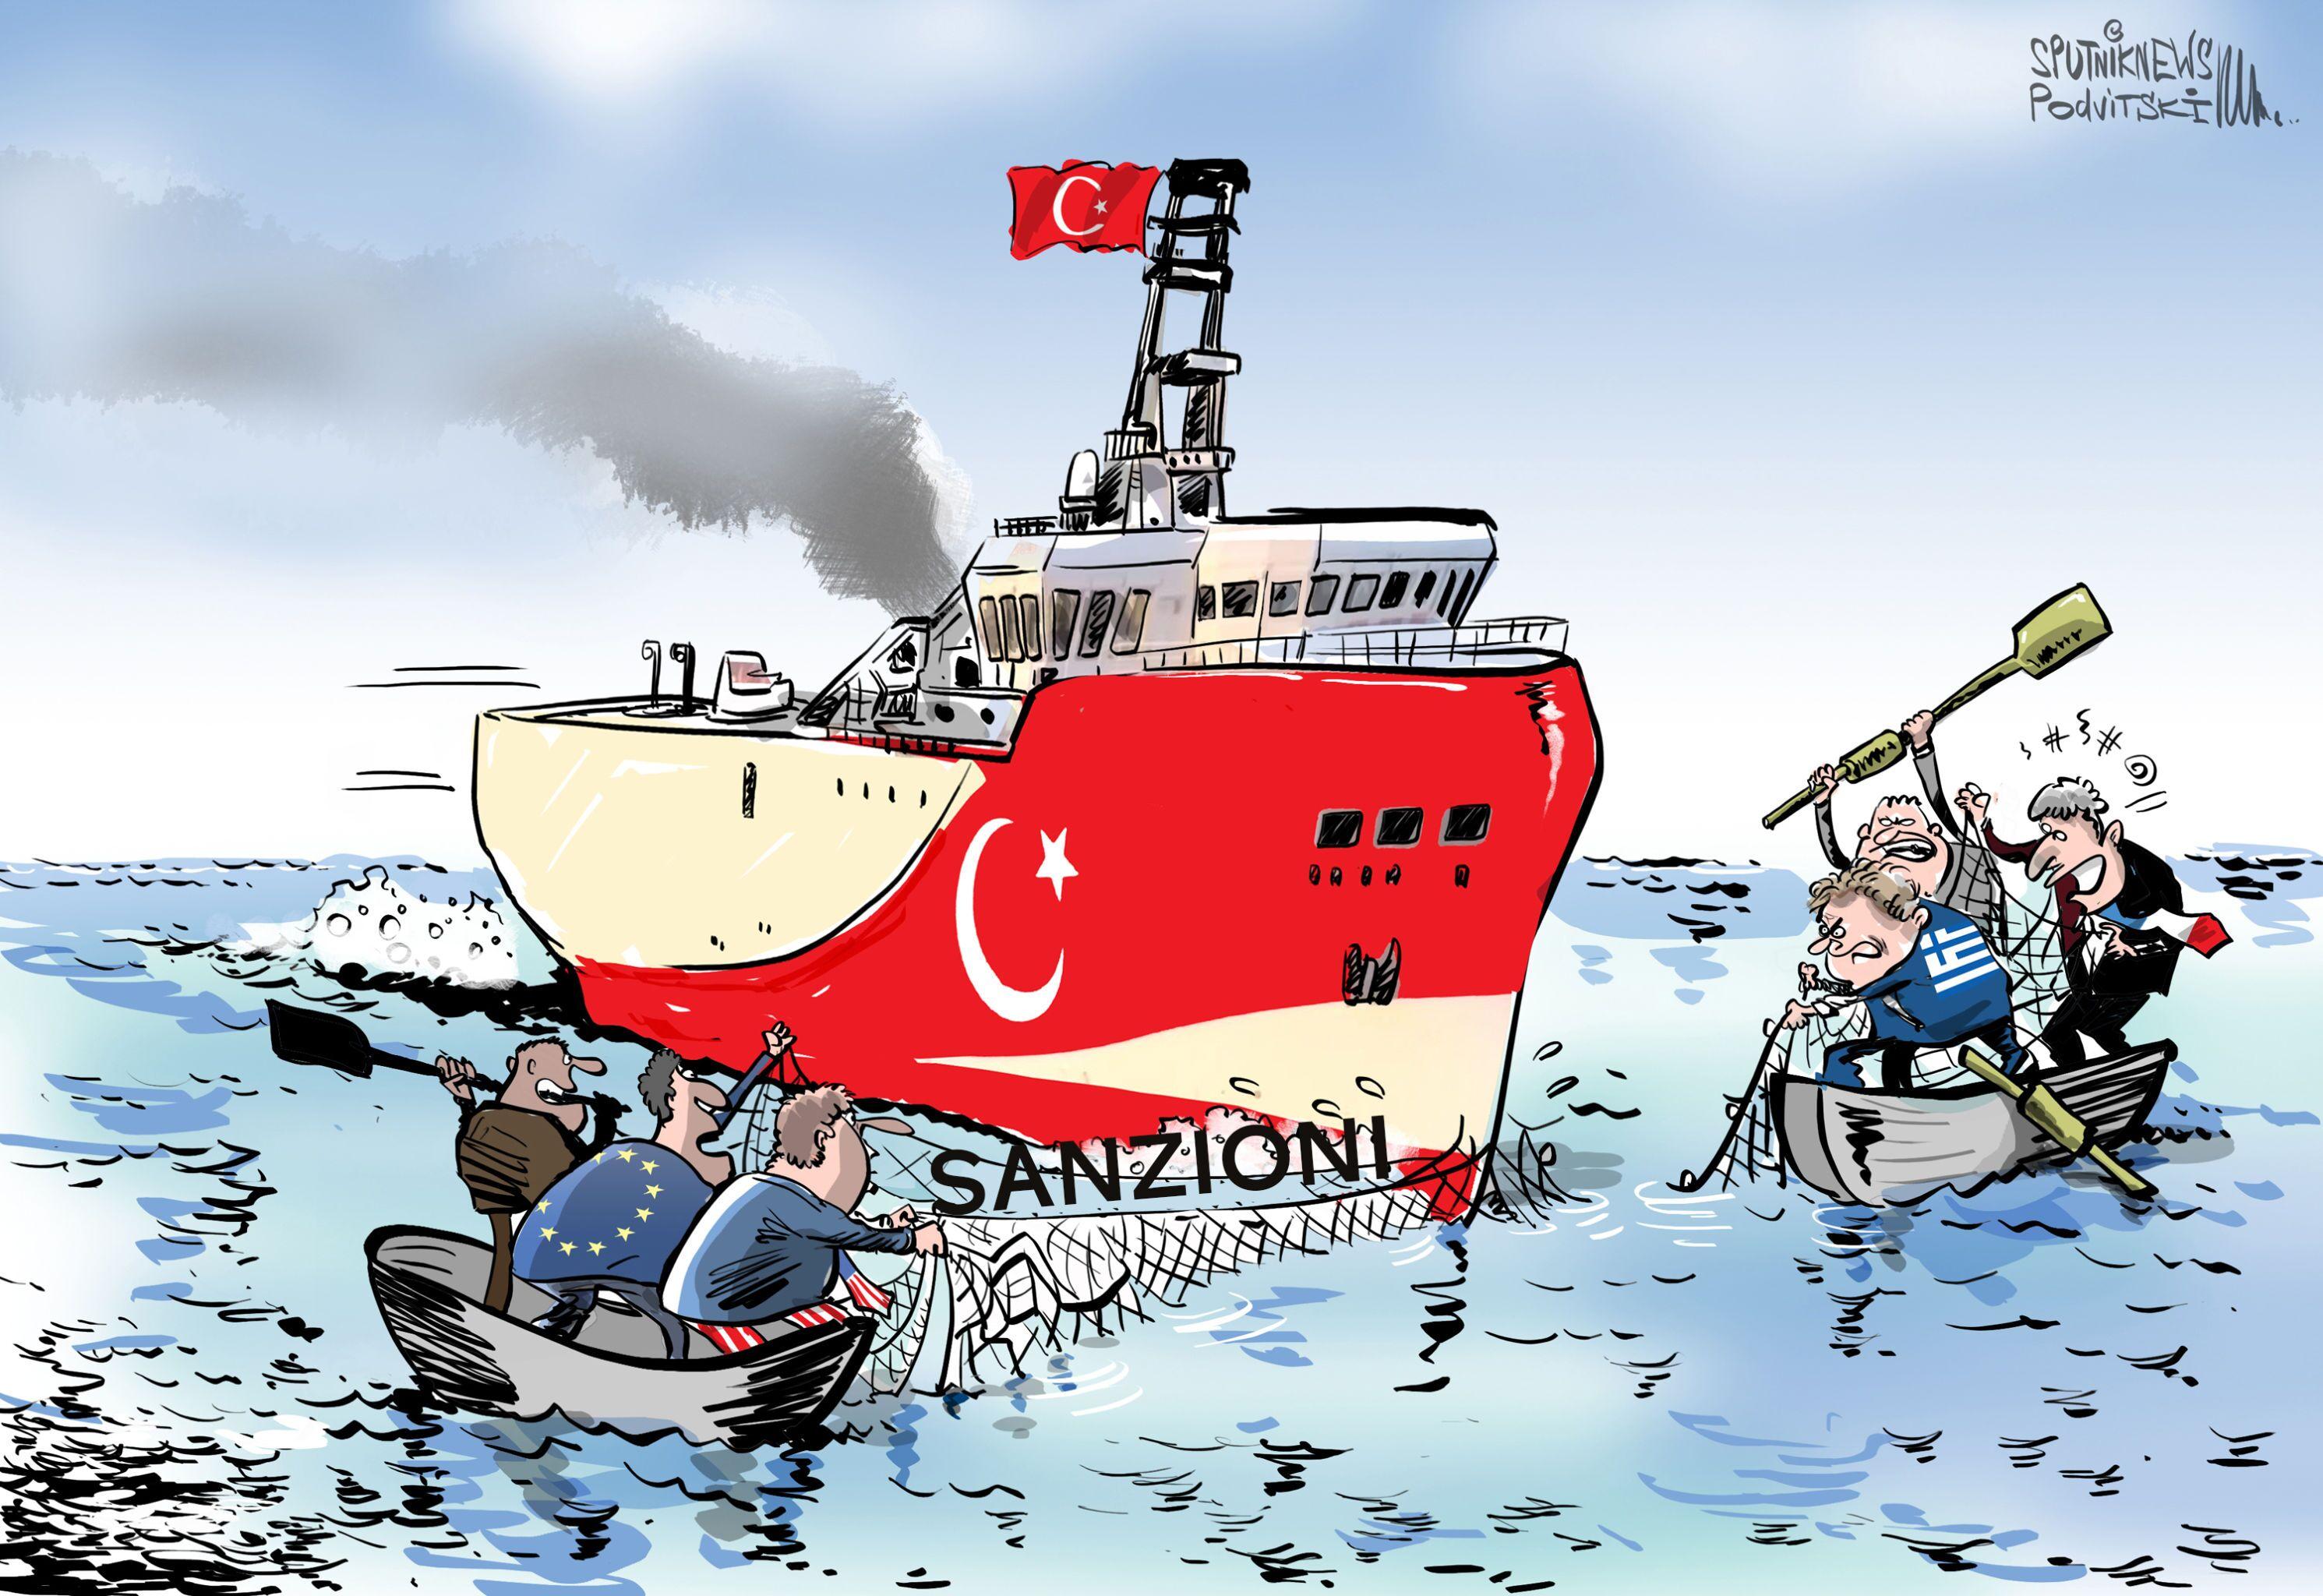 Politici USA chiedono sanzioni contro trivellazioni della Turchia nel Mediterraneo orientale